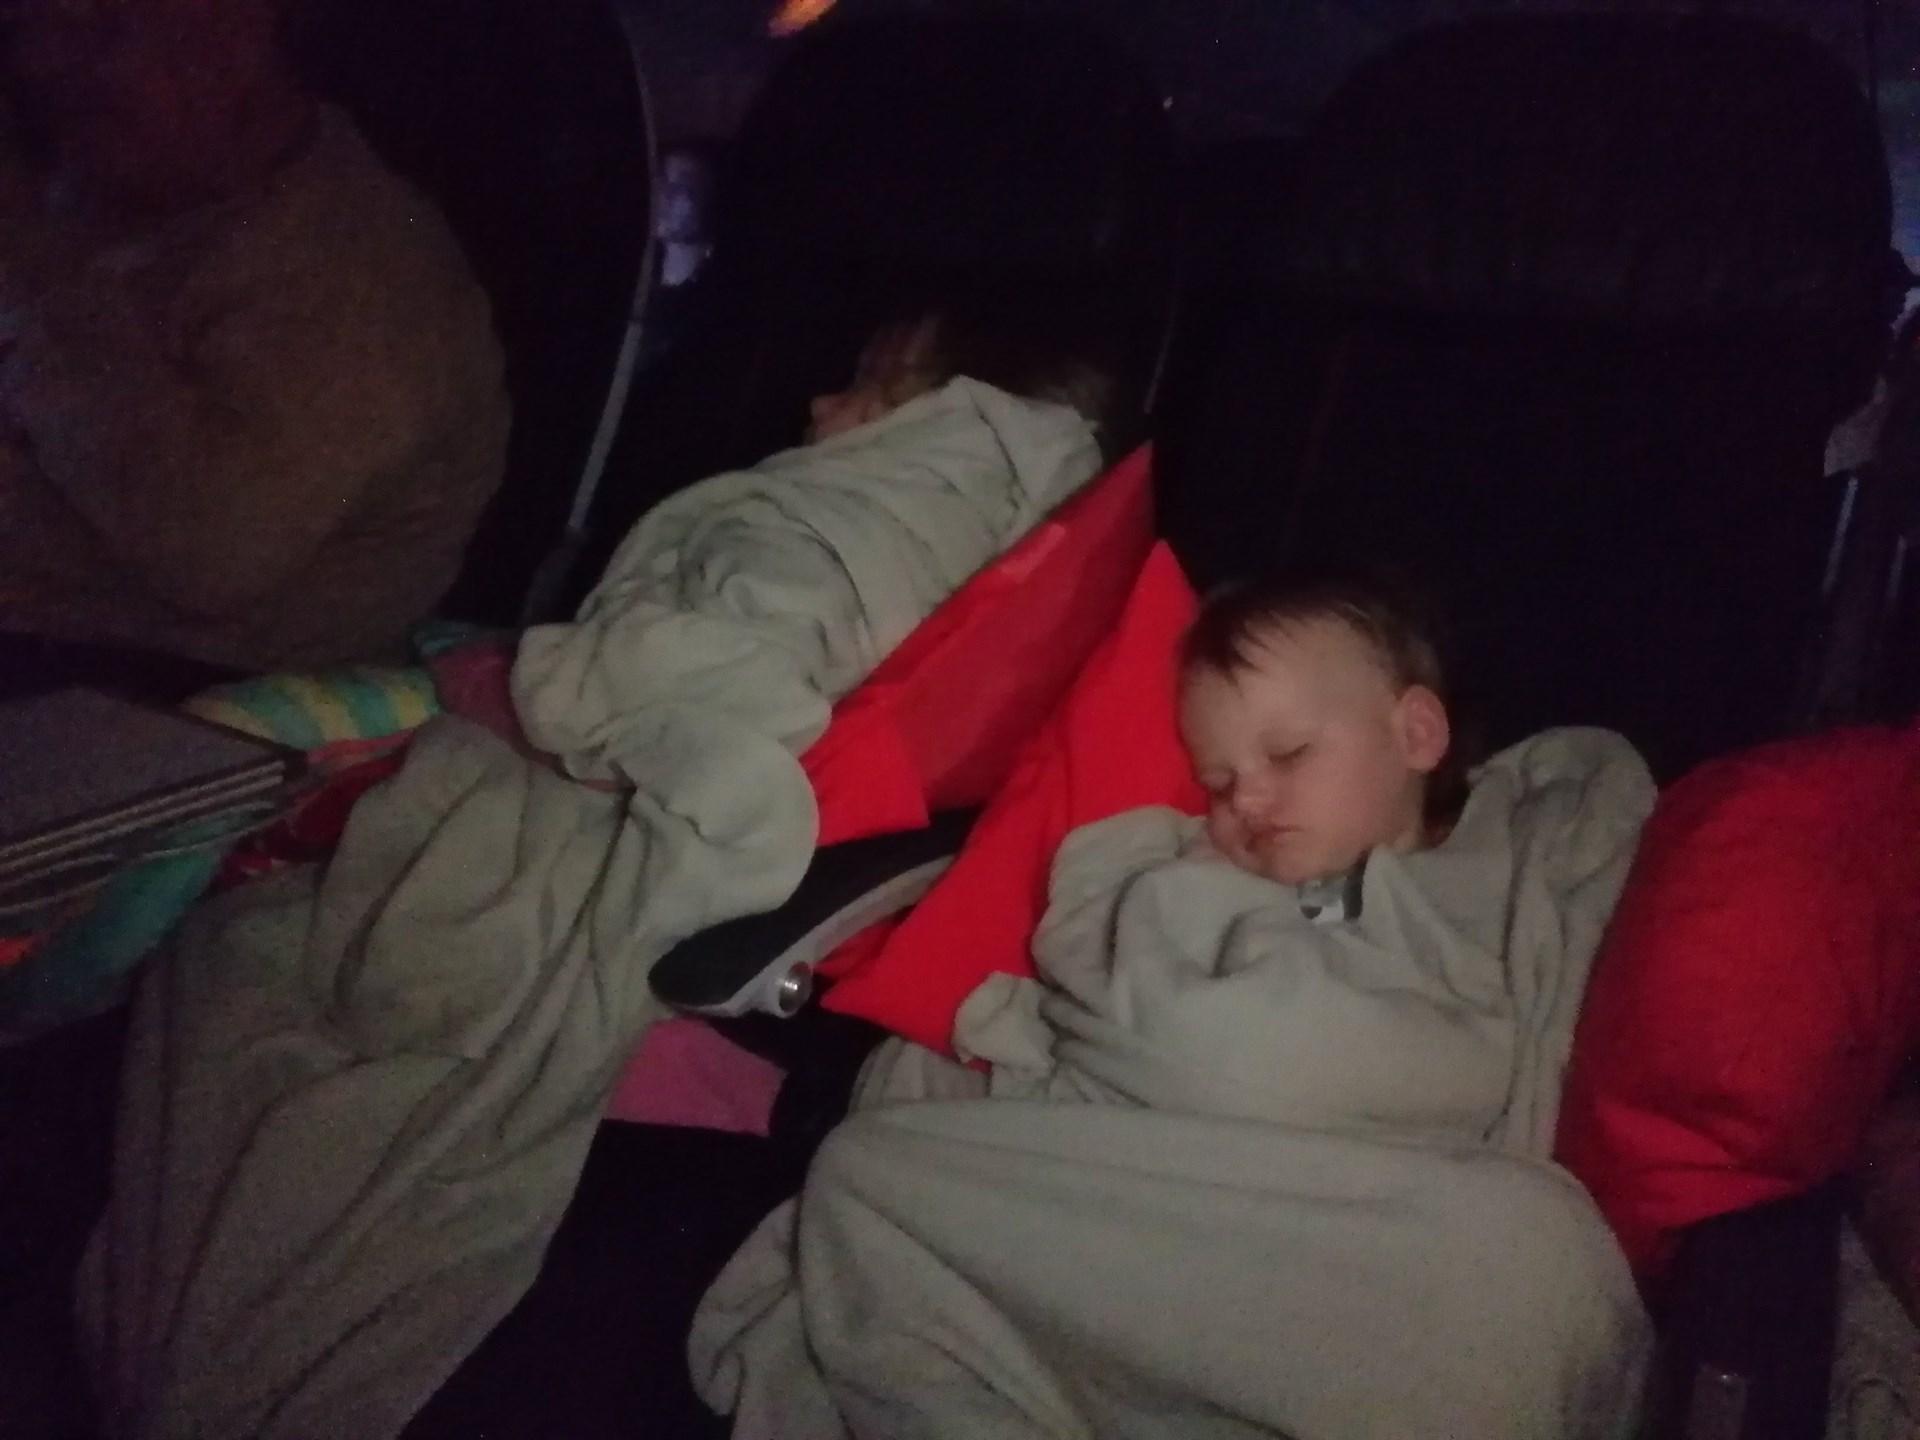 nukkuminen lentokoneessa